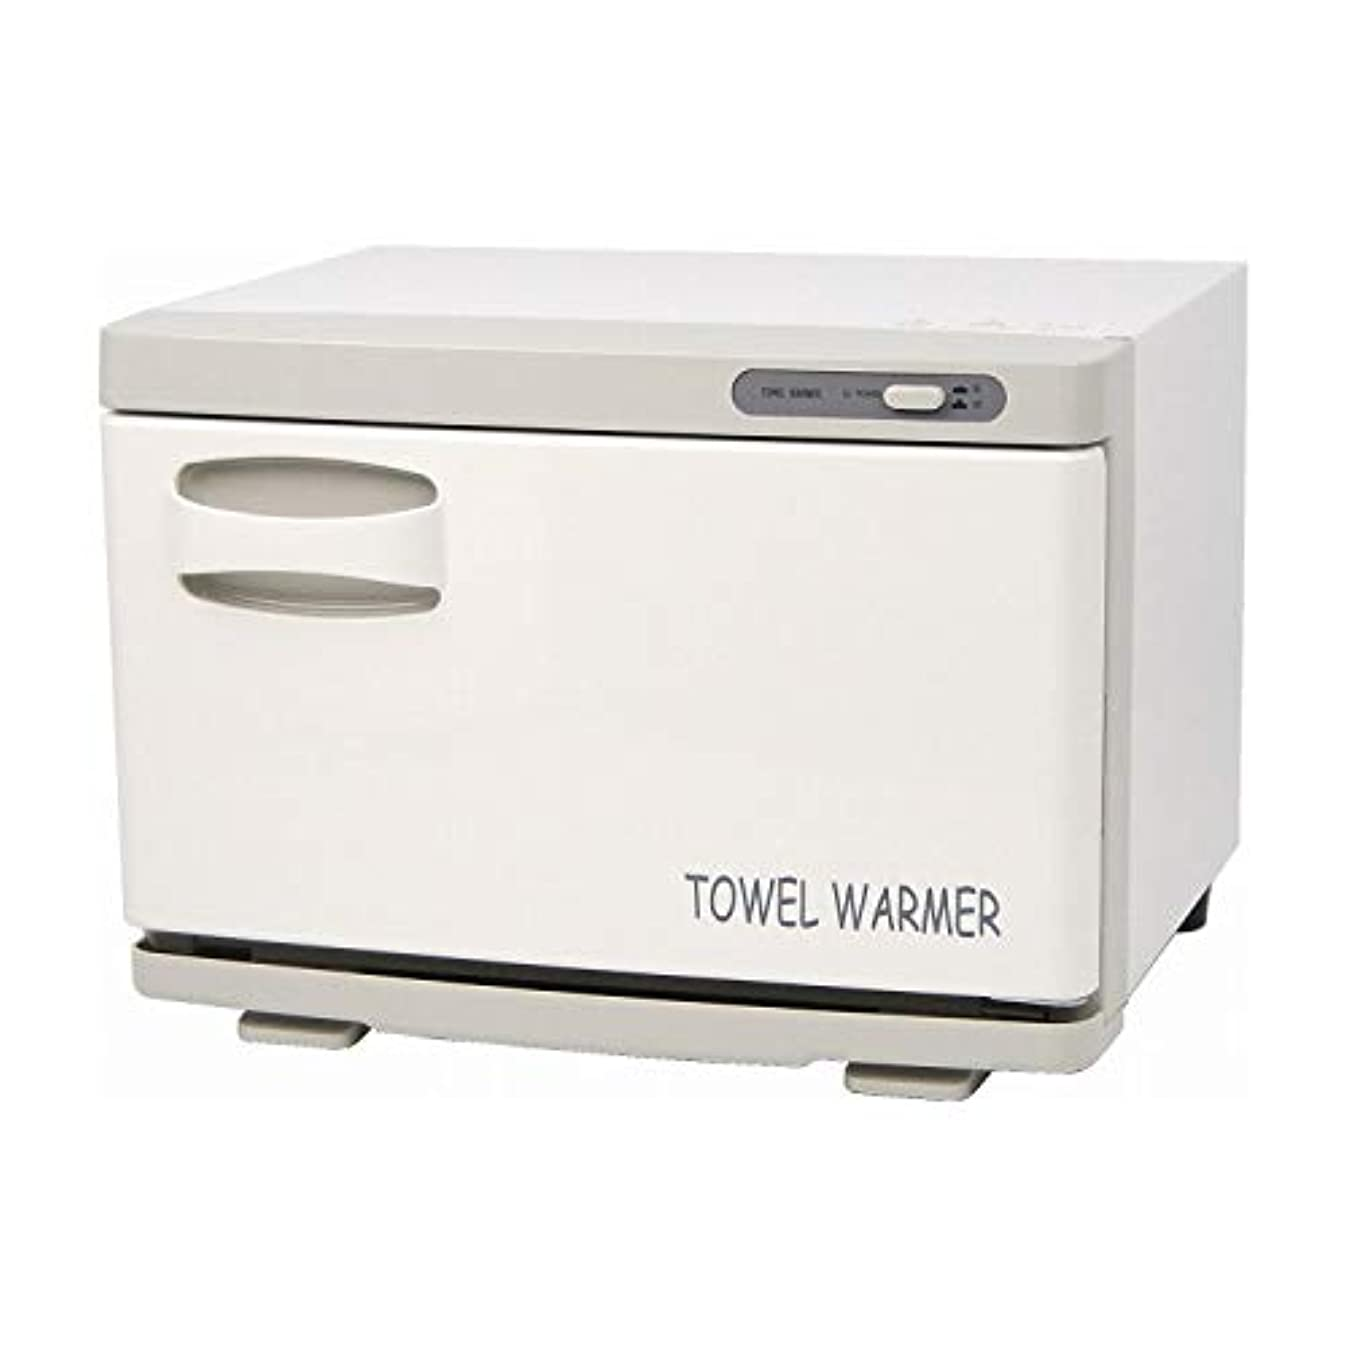 協会不利益保安タオルウォーマー TW-12F[ホワイト前開き]新品 おしぼり蒸し器 おしぼりウォーマー ホットウォーマー タオル蒸し器 タオルウオーマー ホットボックス